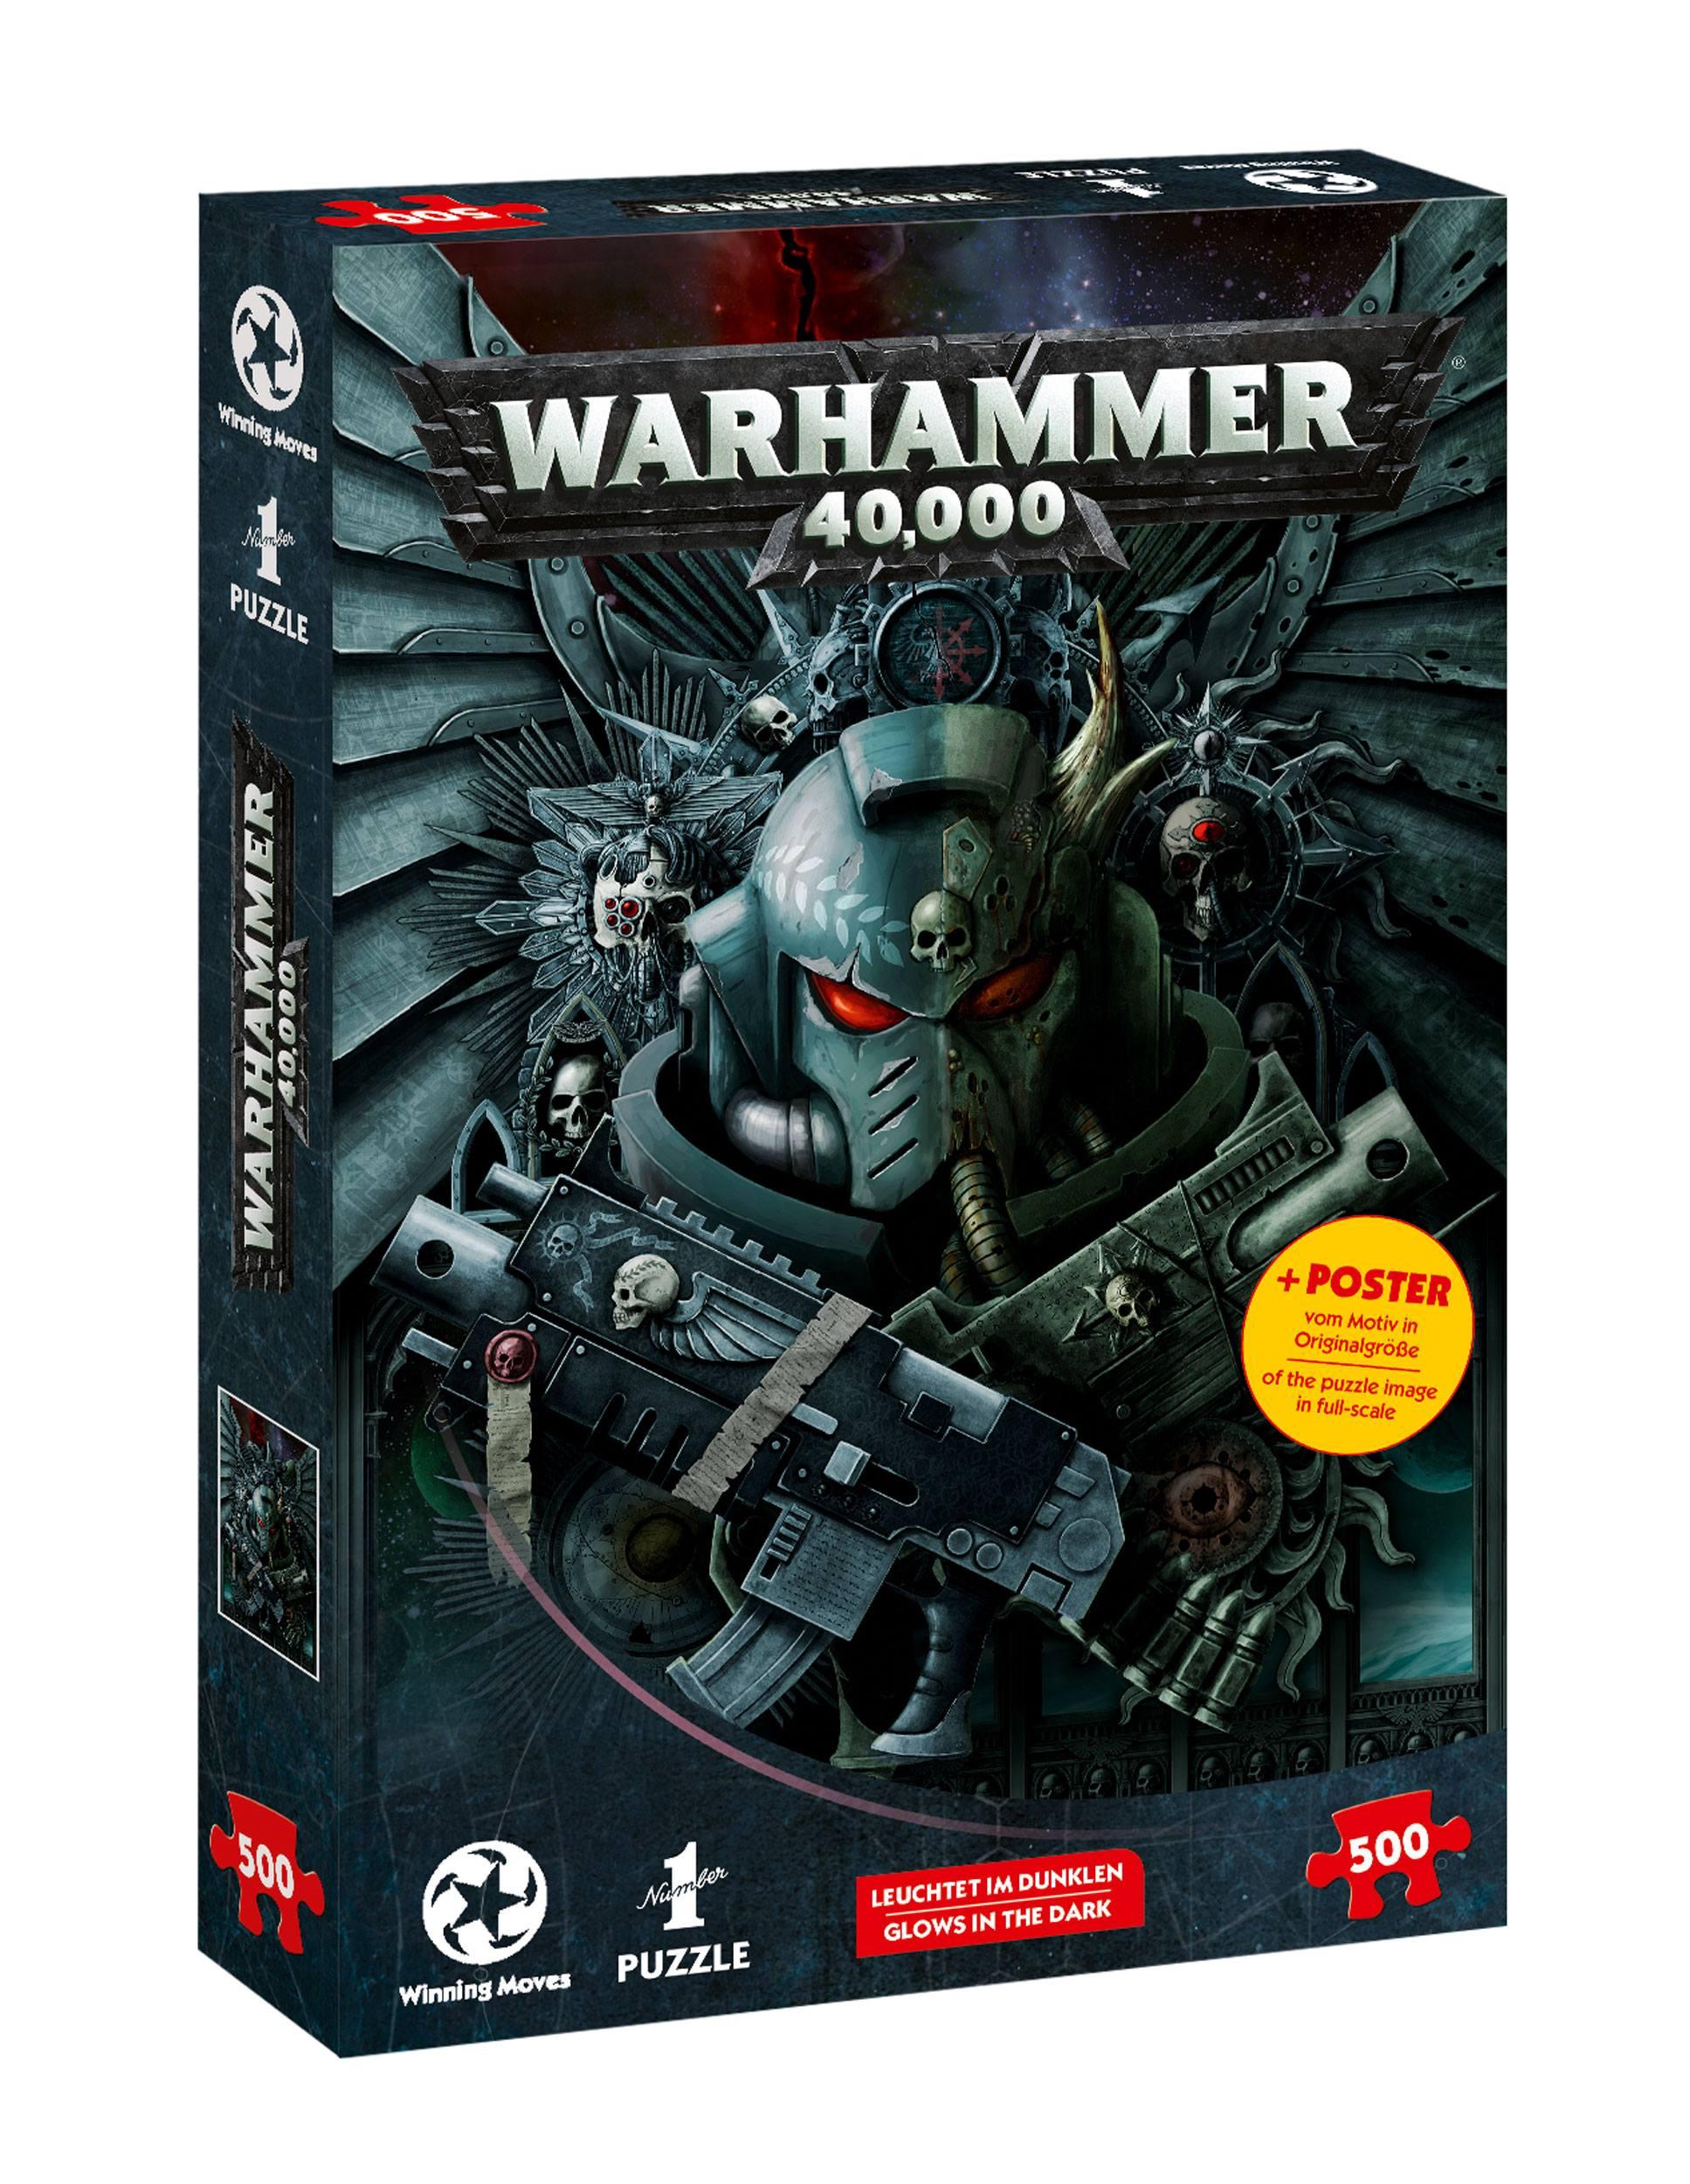 Warhammer 40.000 Jigsaw Puzzle Glow-in-the-dark